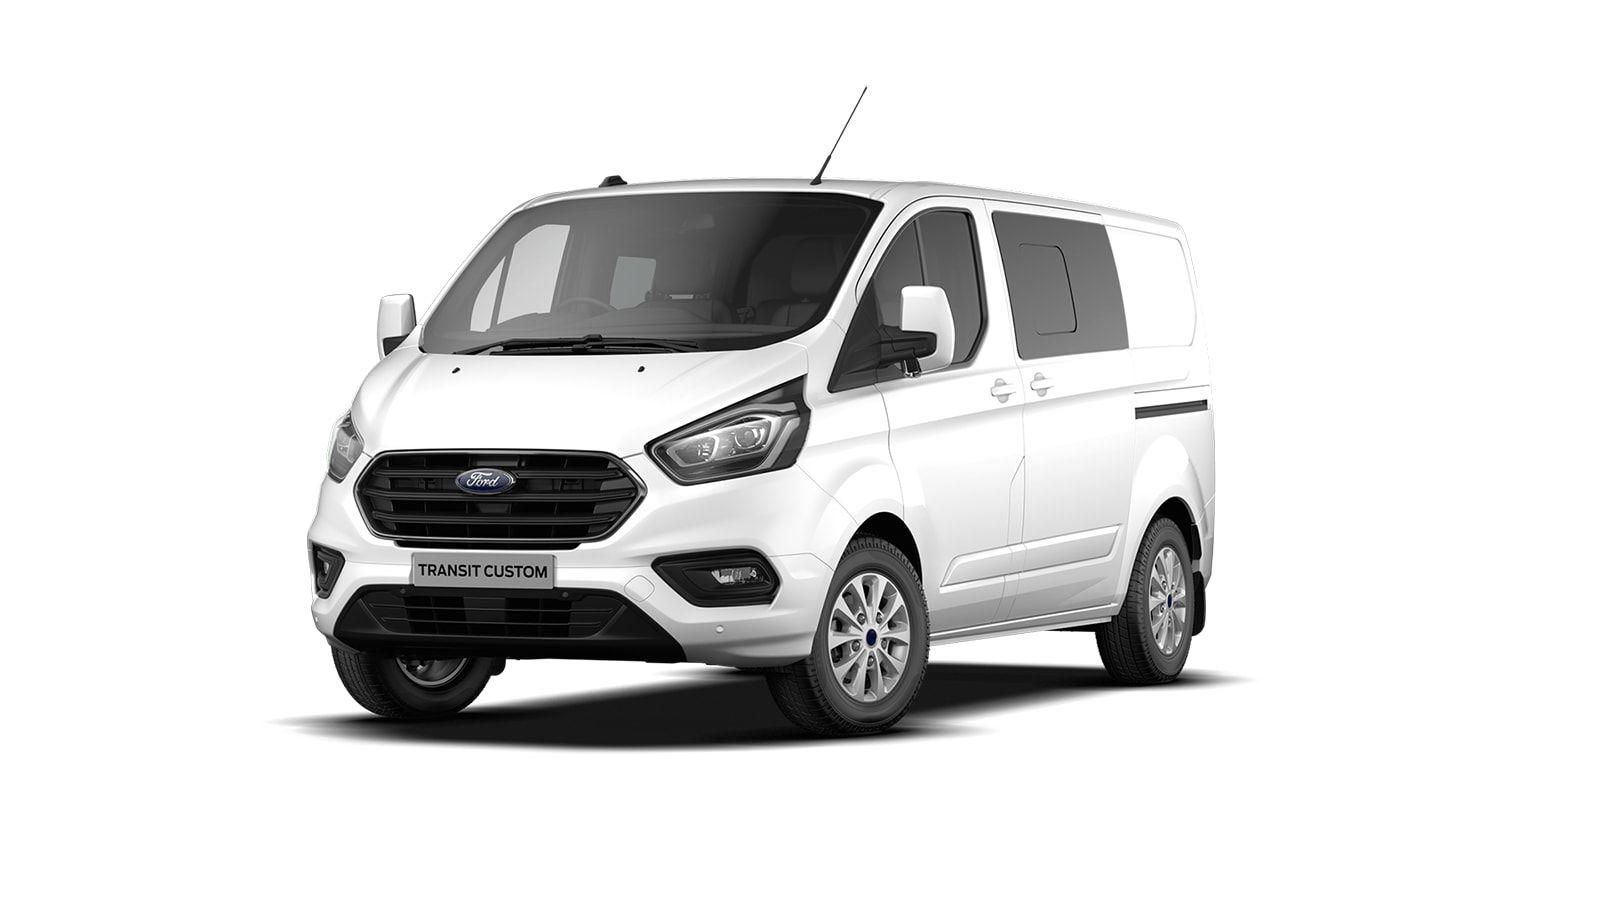 Nieuw Ford Transit custom 320L Multi use: bestelwagen met dubbele cabine L1 Limited MS BYW - niet-metaalkleur: Frozen White 1